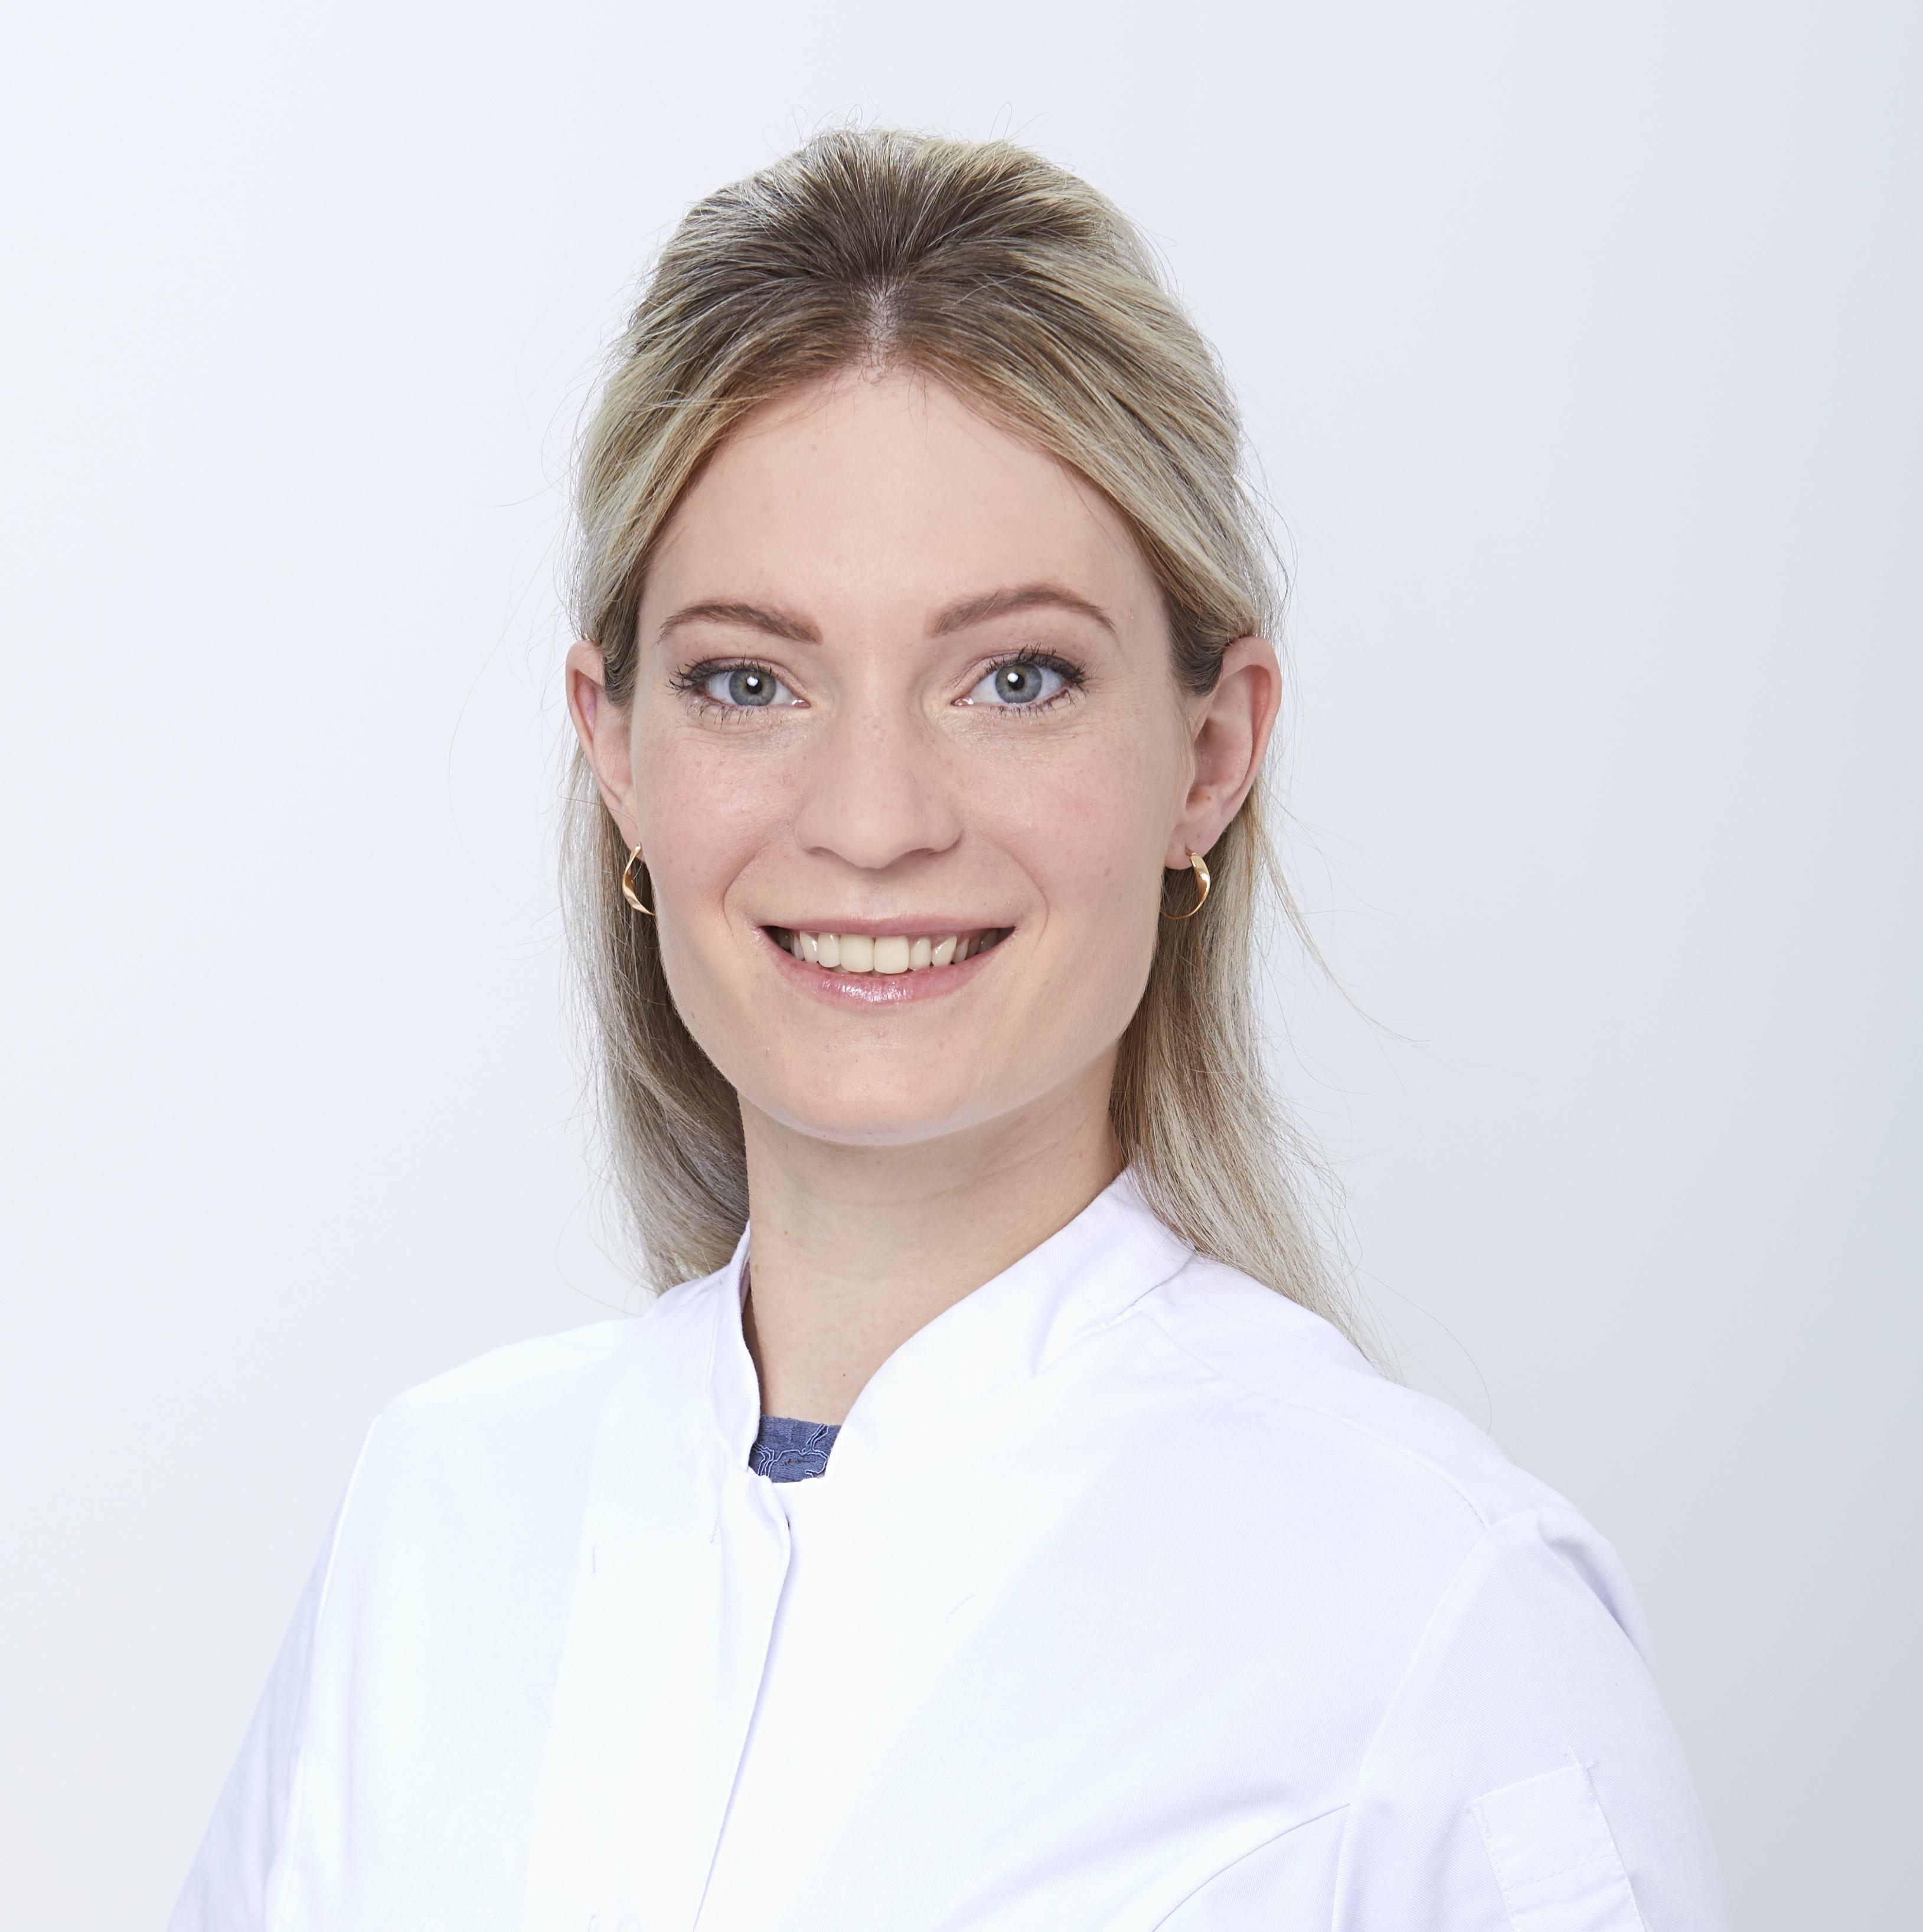 Anna Hettinga-Grelack